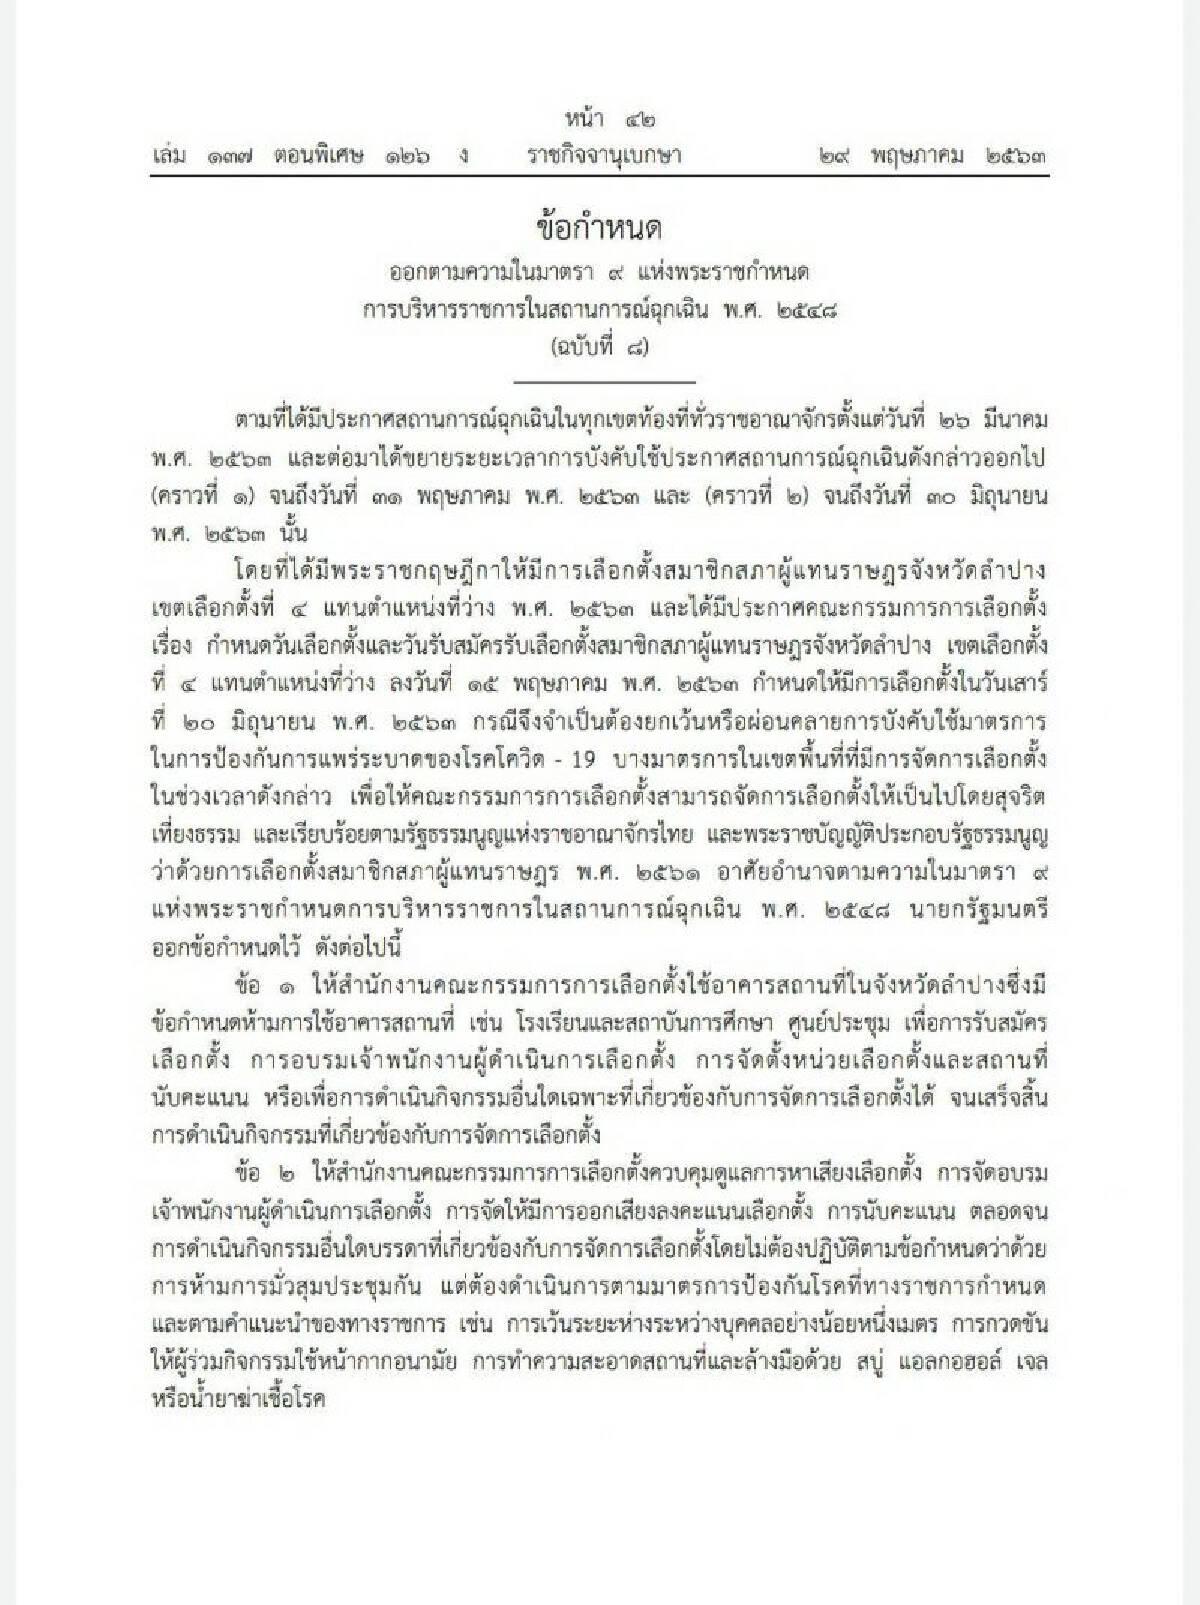 ข้อกำหนดออกตามความในมาตรา 9 แห่งพระราชกำหนดการบริหารราชการในสถานการณ์ฉุกเฉินพ.ศ. 2548 (ฉบับที่8)